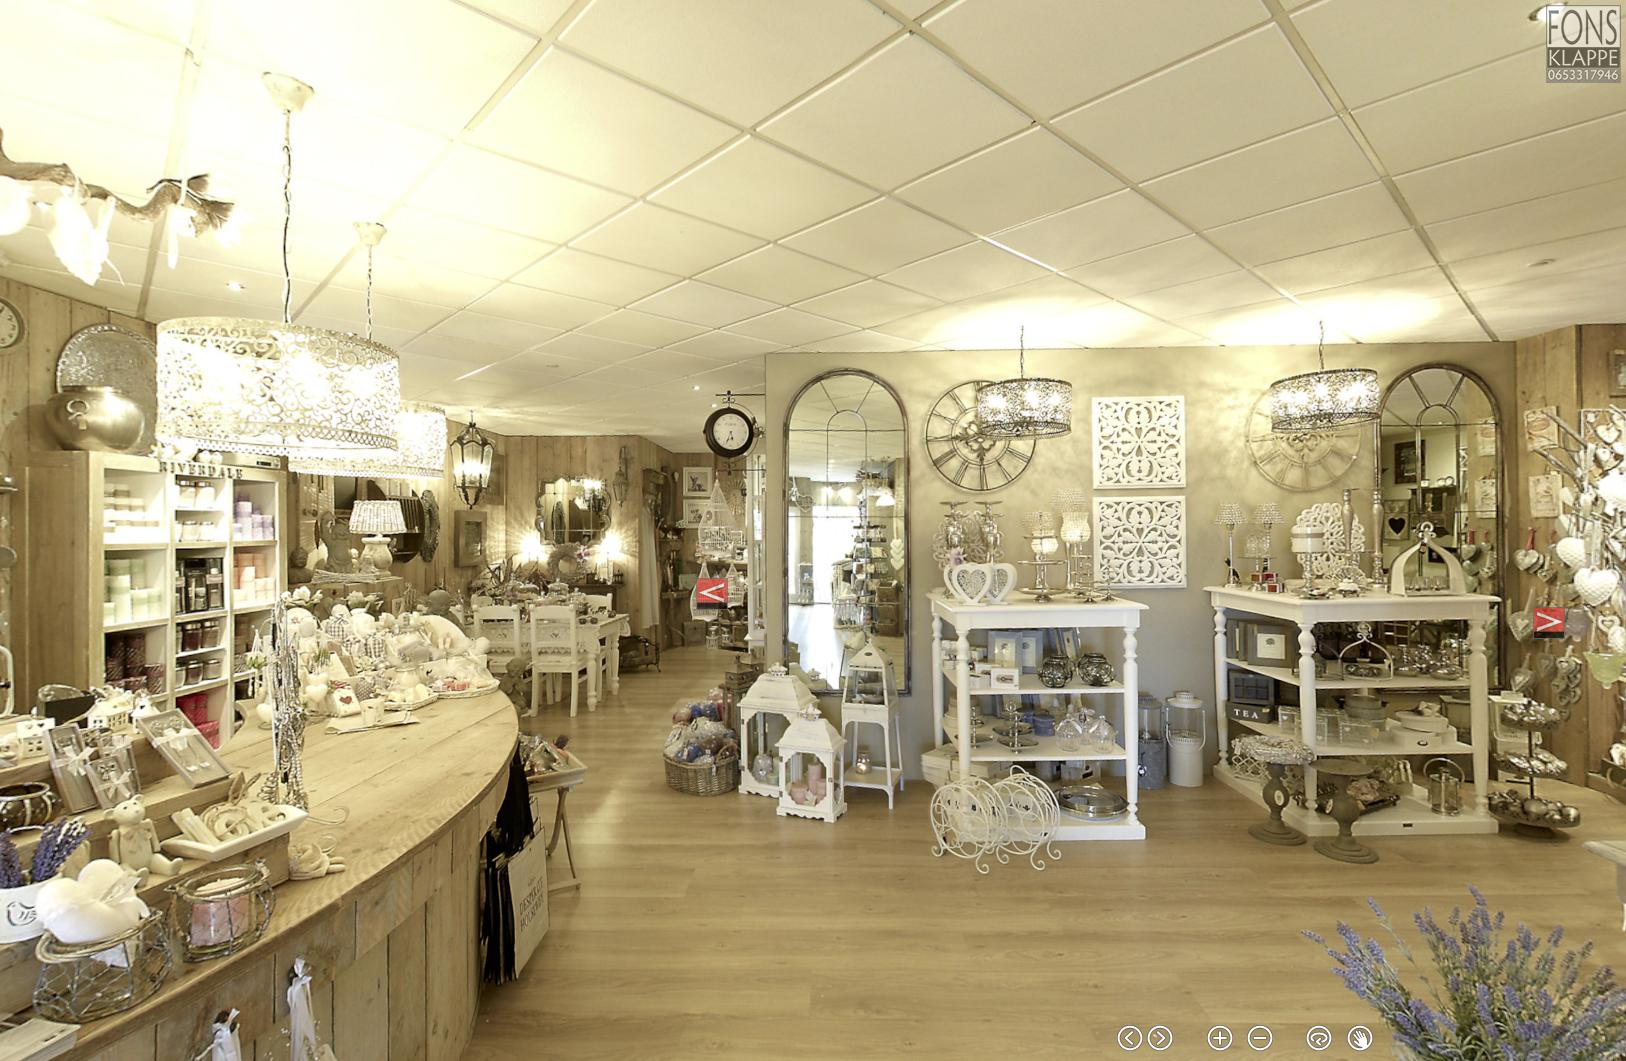 Winkel interieur 360 virtuele tour for Exterieur winkel